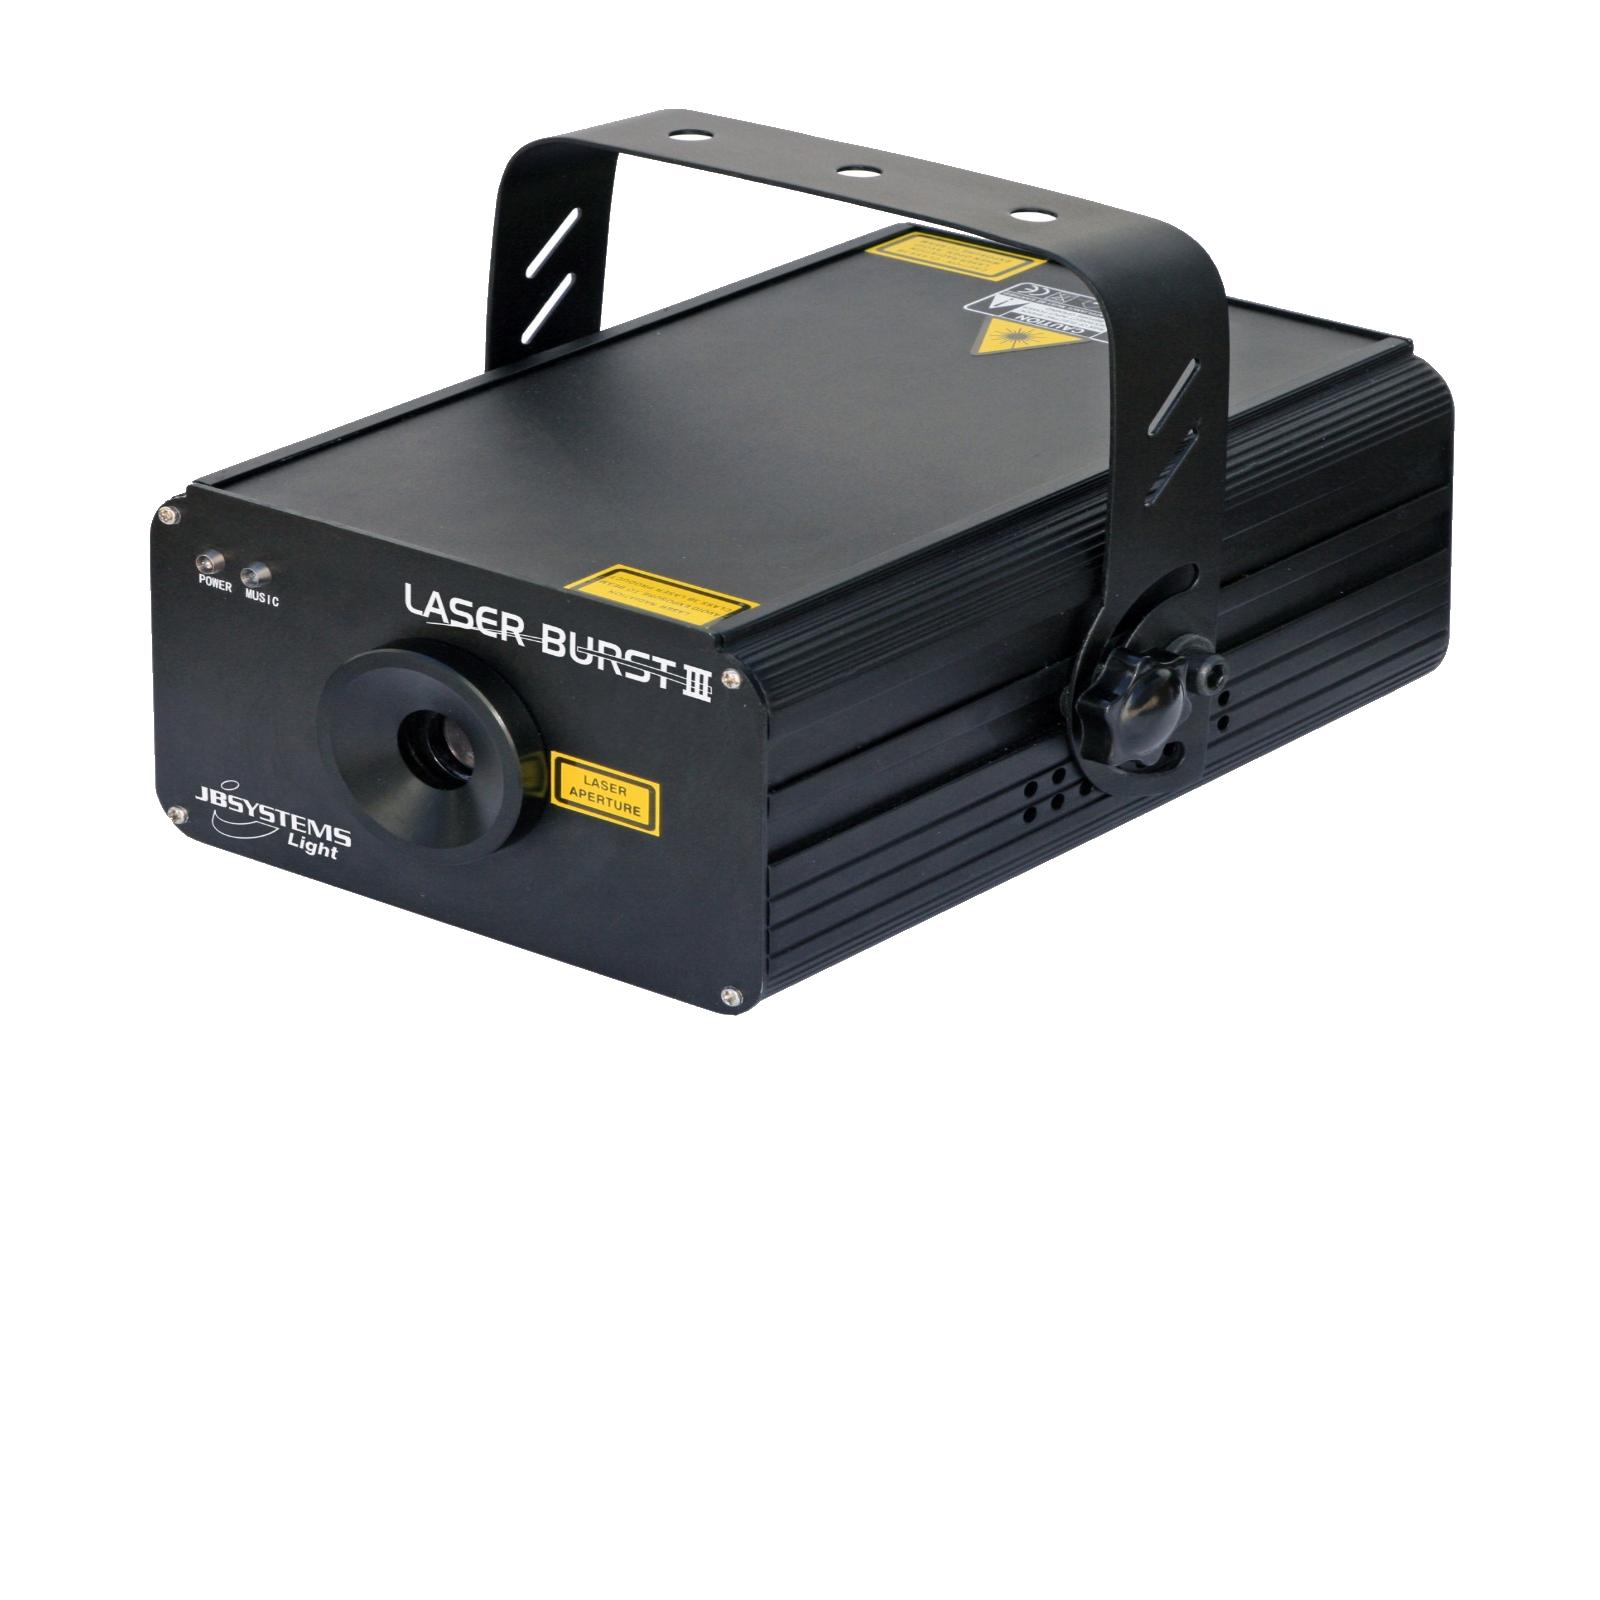 Lichteffect JB Systems Laser Burst III